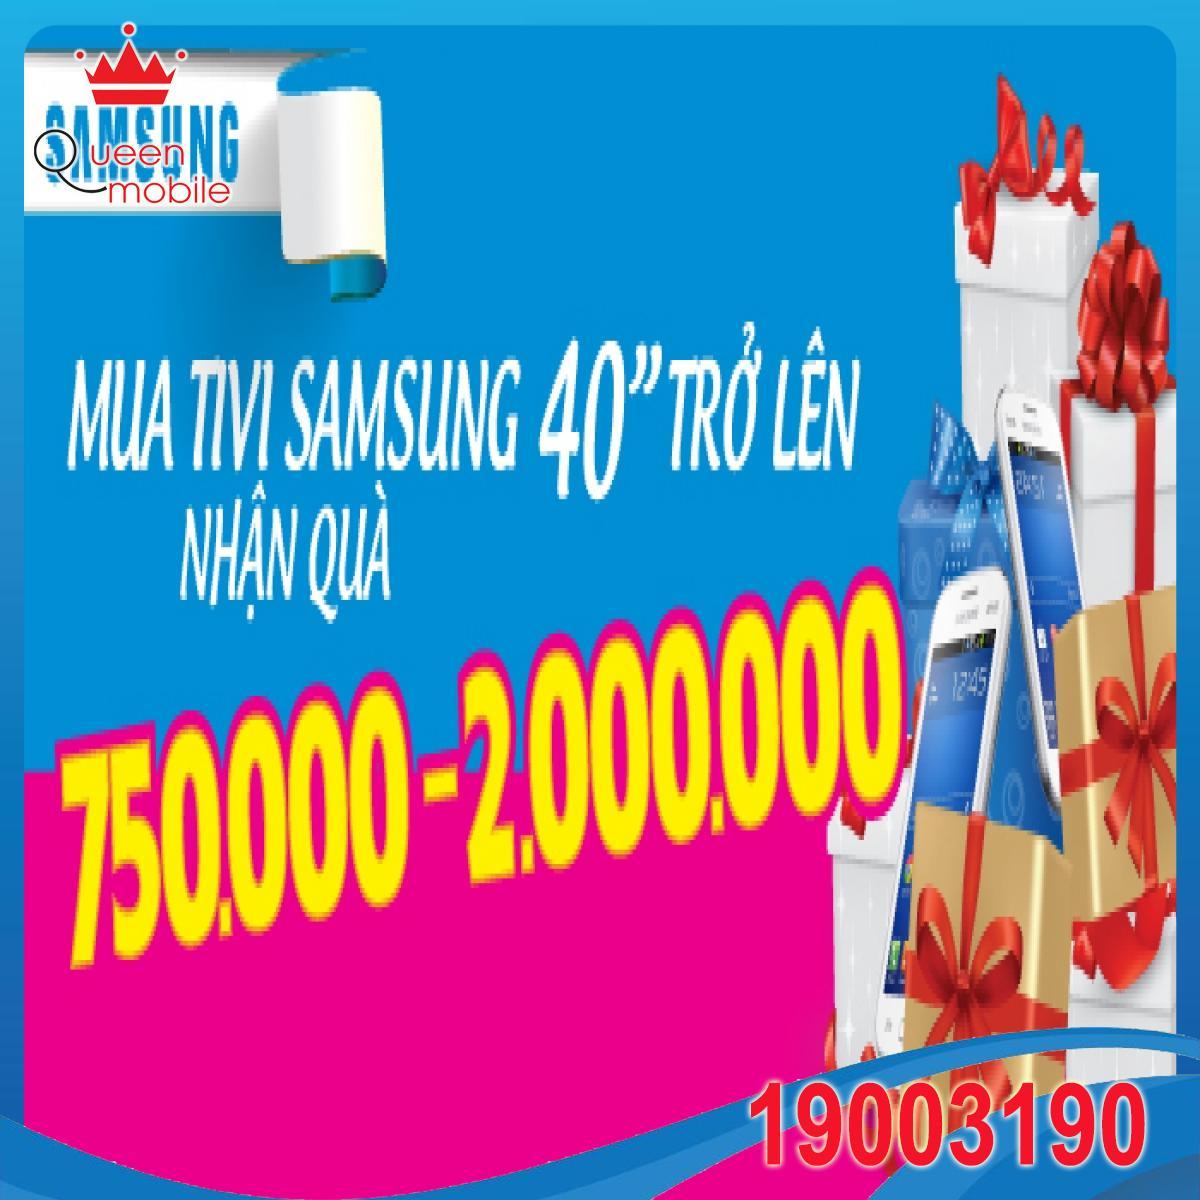 Mua tivi Samsung 40